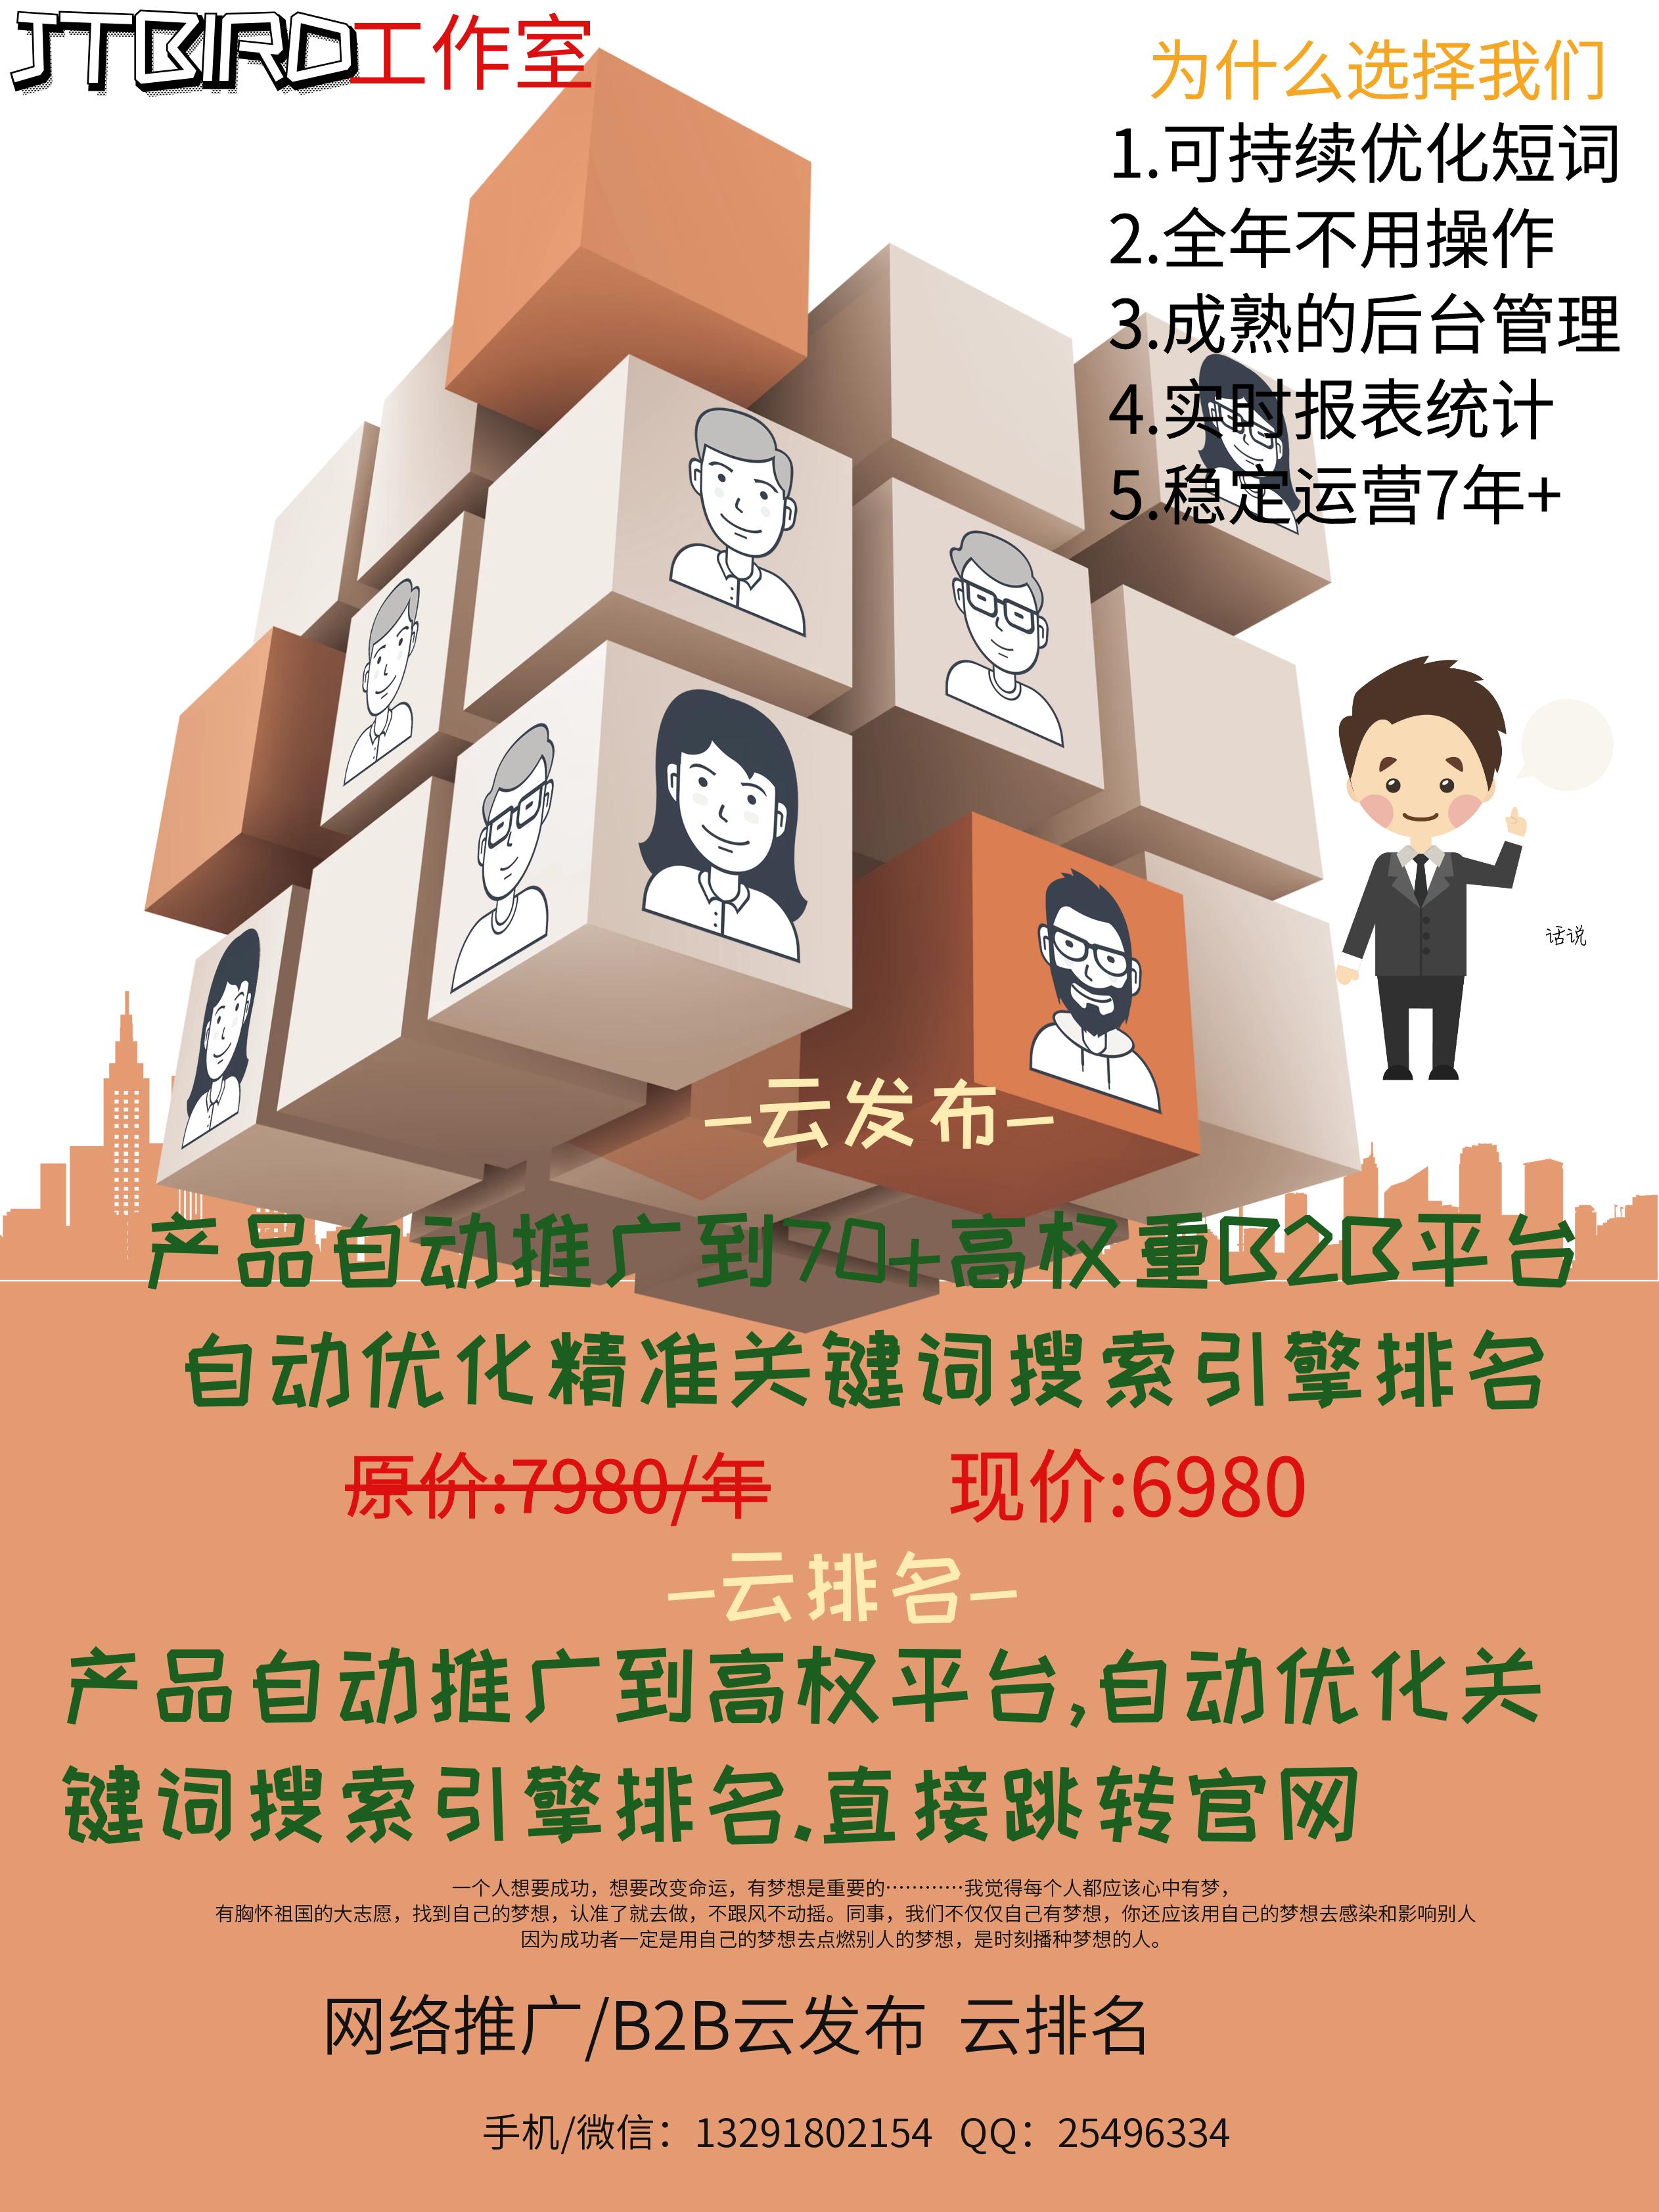 北京海淀网络推广工作室_豫贸网